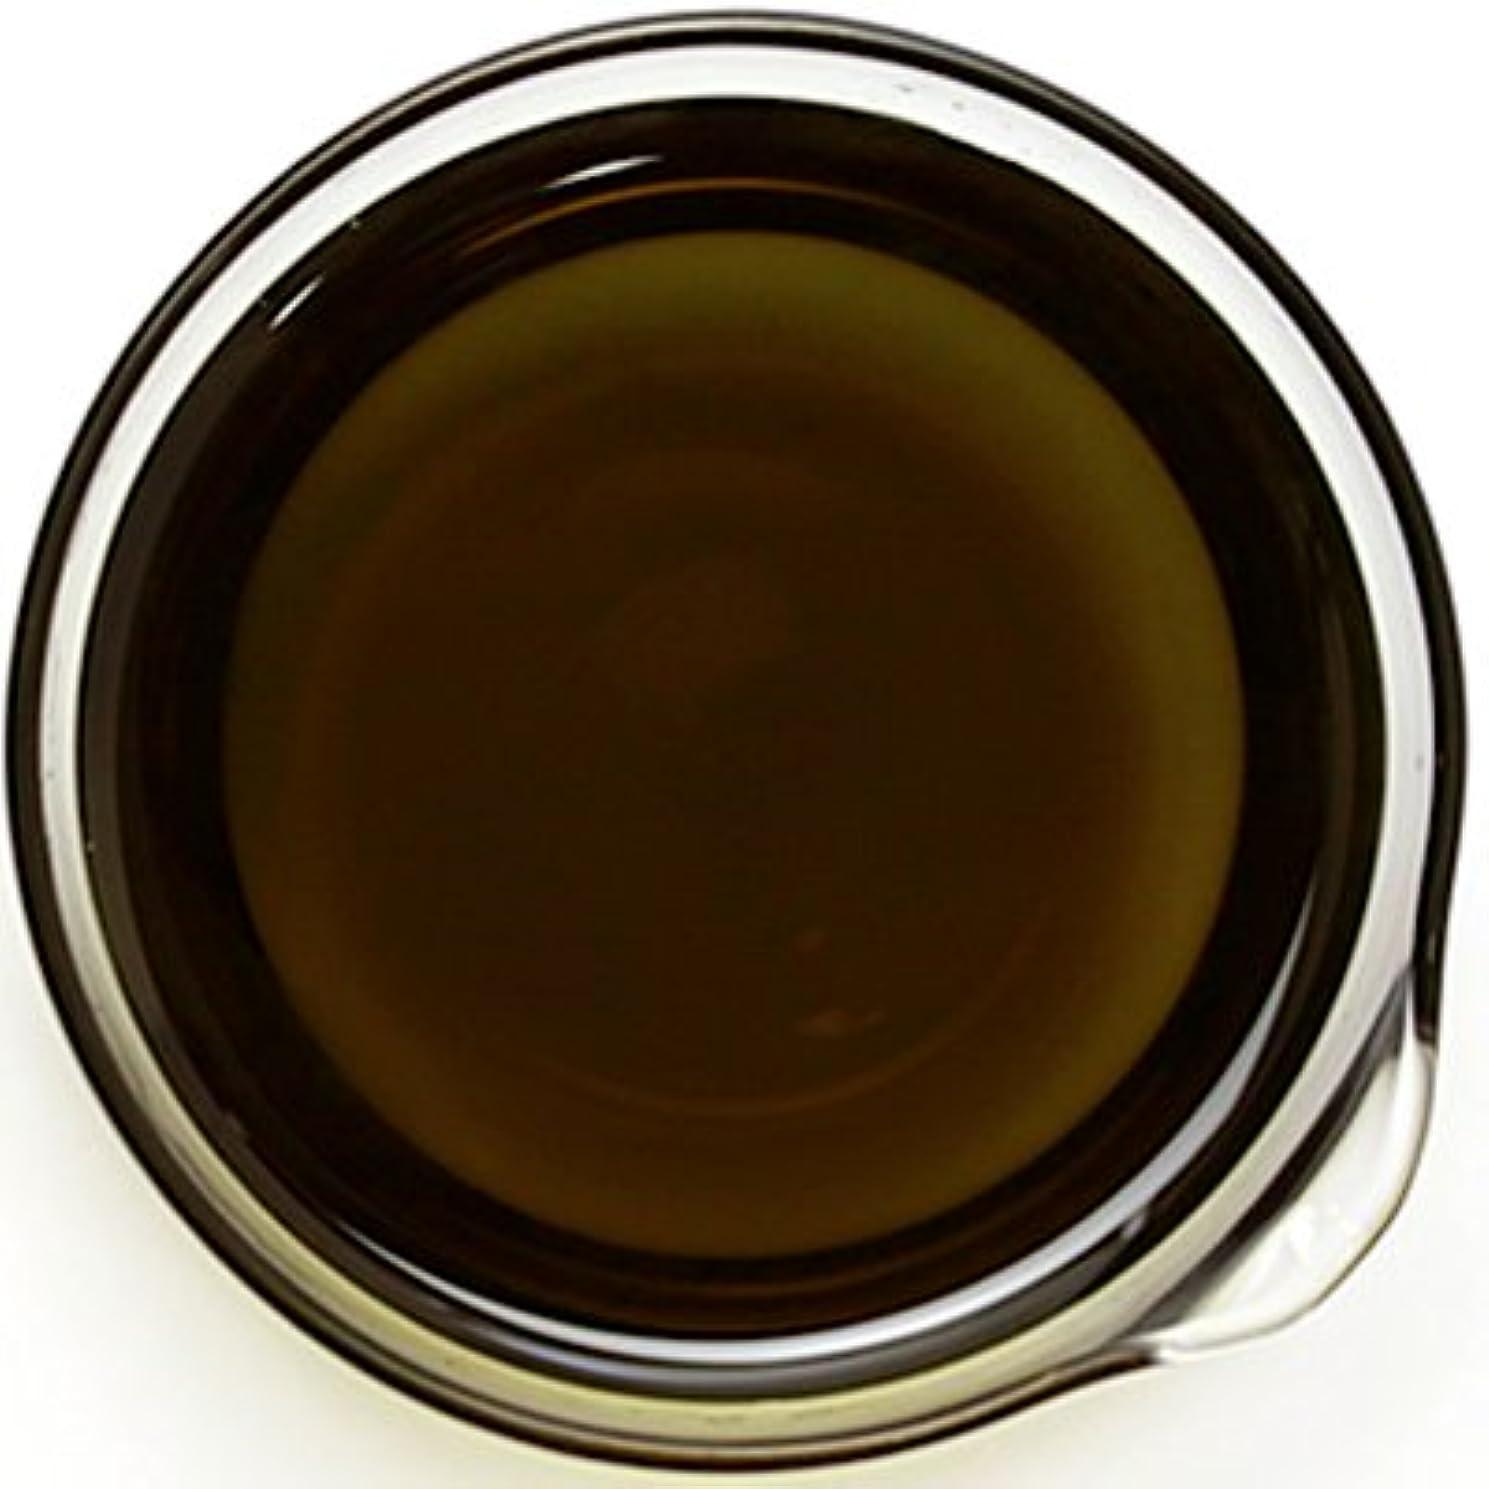 石化する切る芽オーガニック ヘンプシードオイル 1L 【麻種子油/手作りコスメ/美容オイル/キャリアオイル/マッサージオイル】【birth】